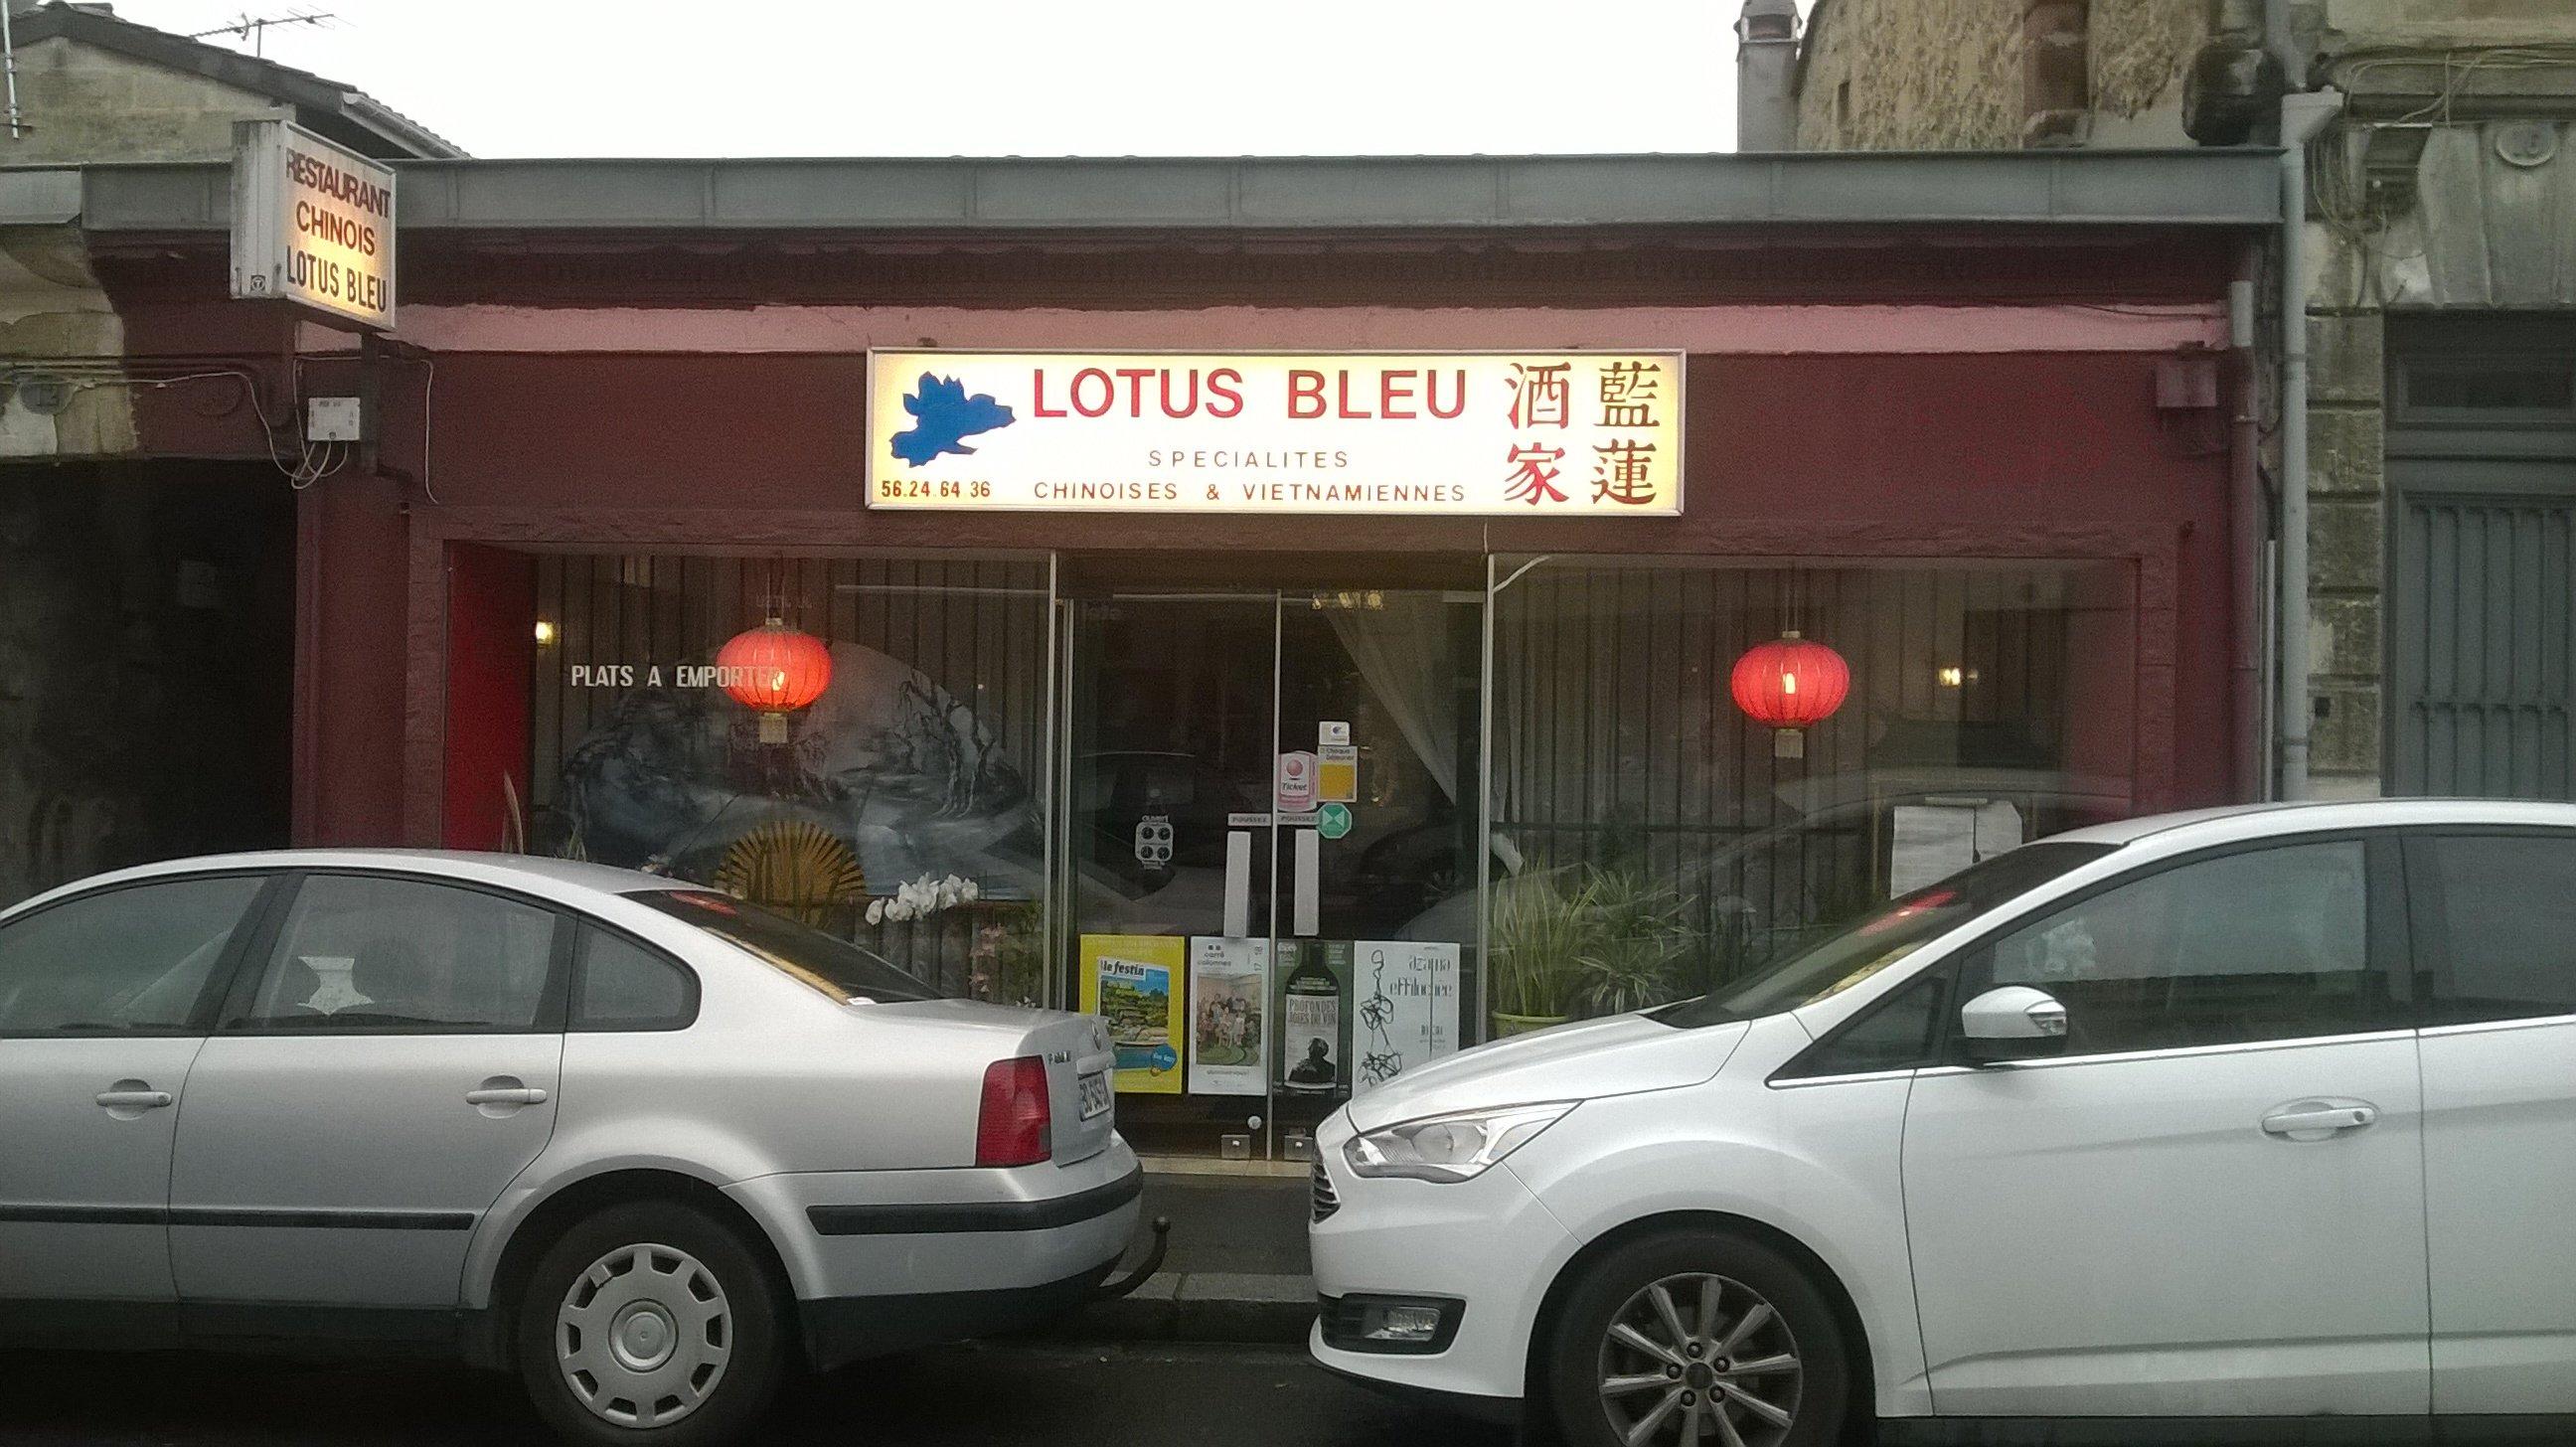 Le Lotus Bleu : l'hospitalité à l'asiatique